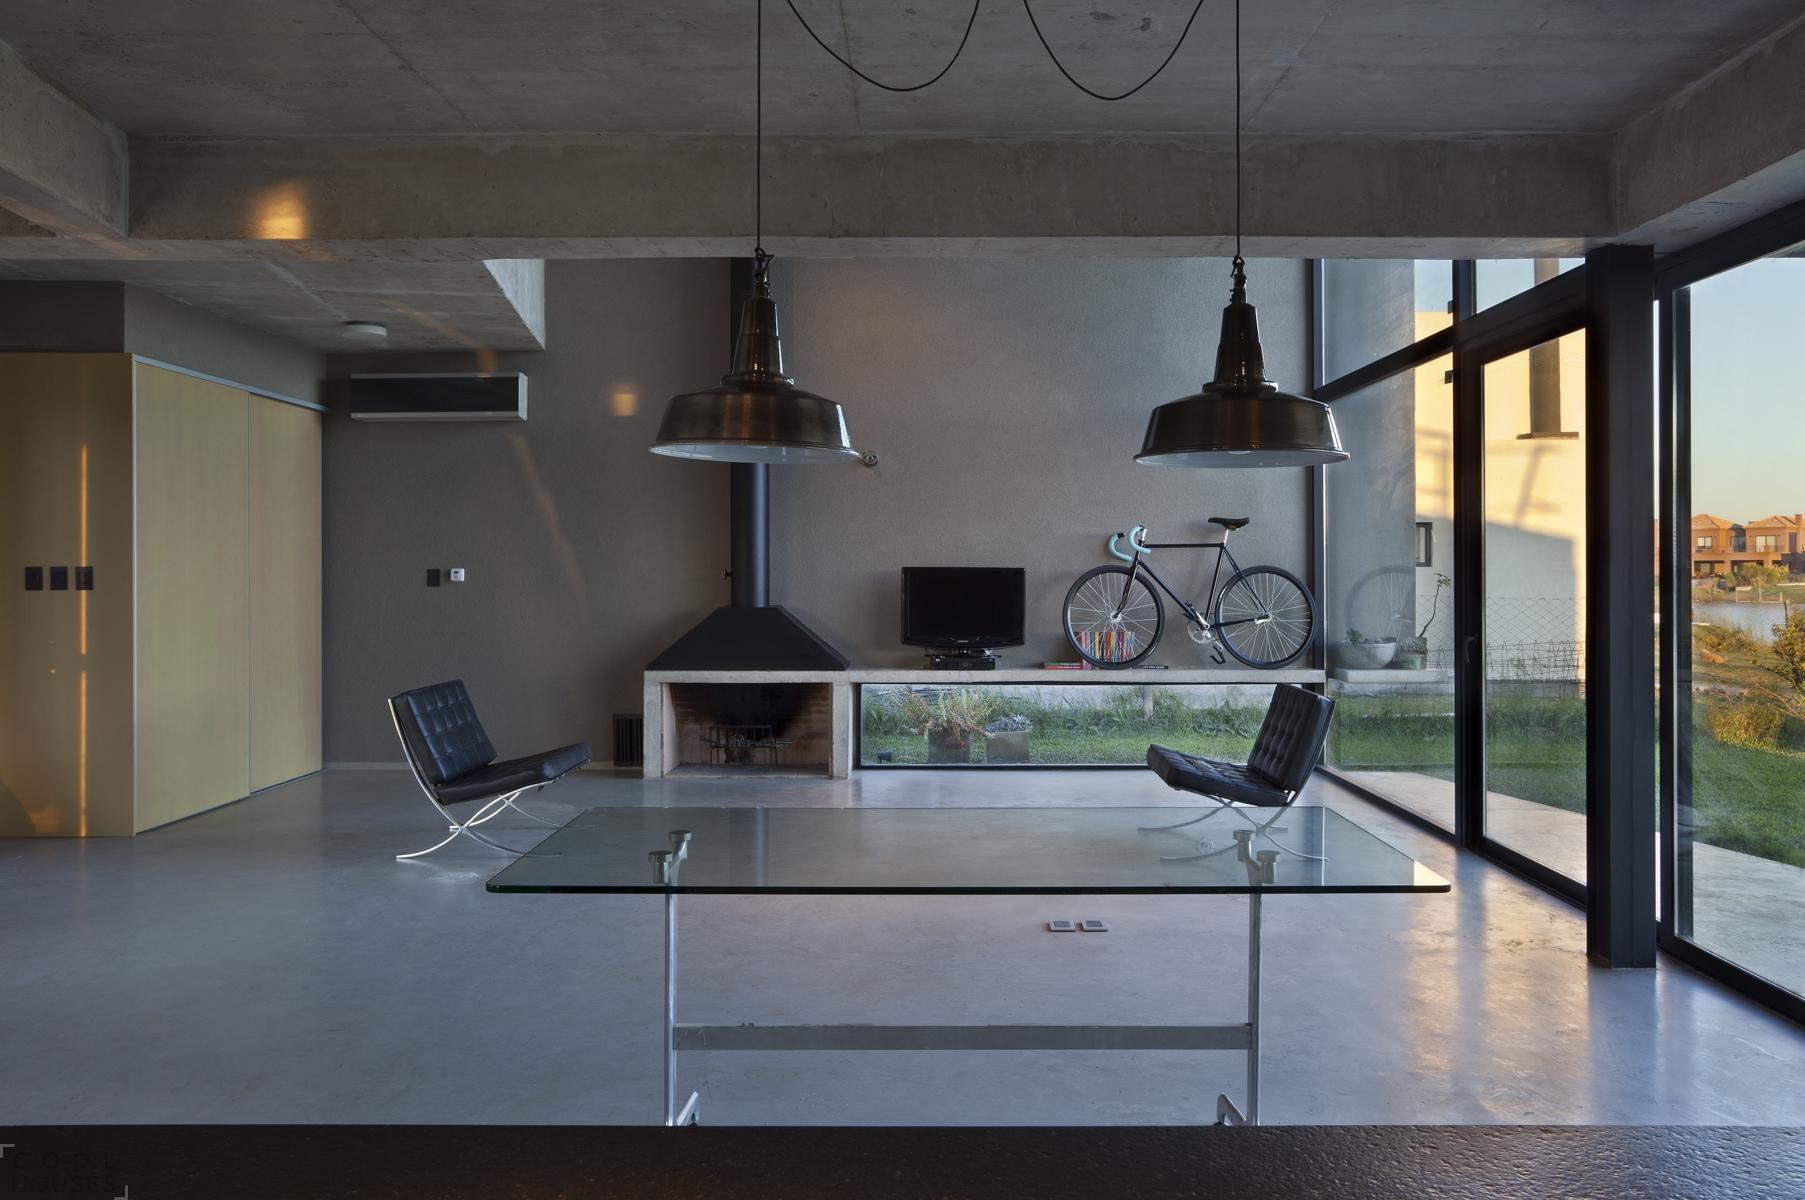 Загородный дом с современным интерьером от студии vEstudio